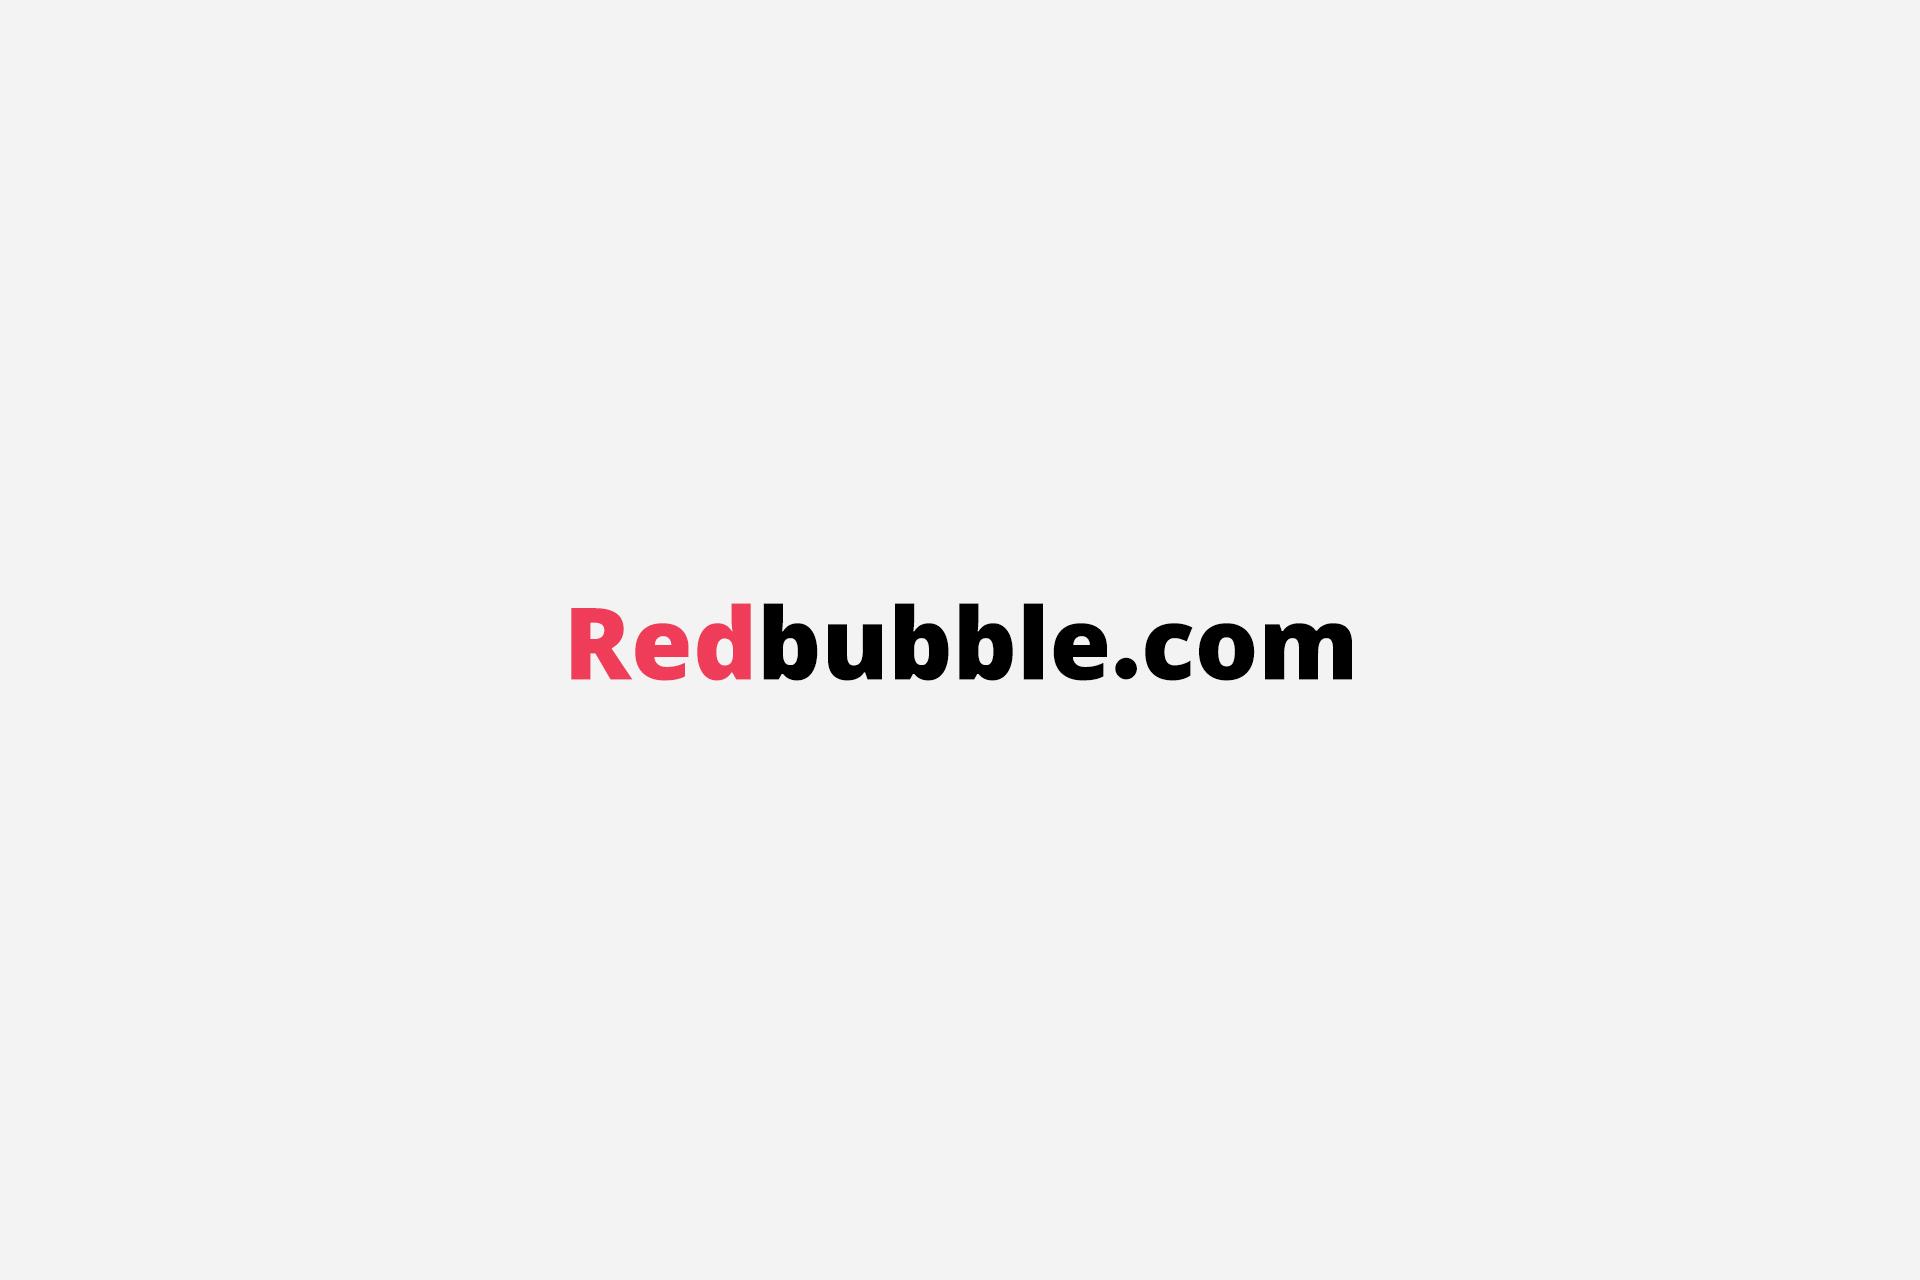 ثبت نام در Redbubble, redbubble.com